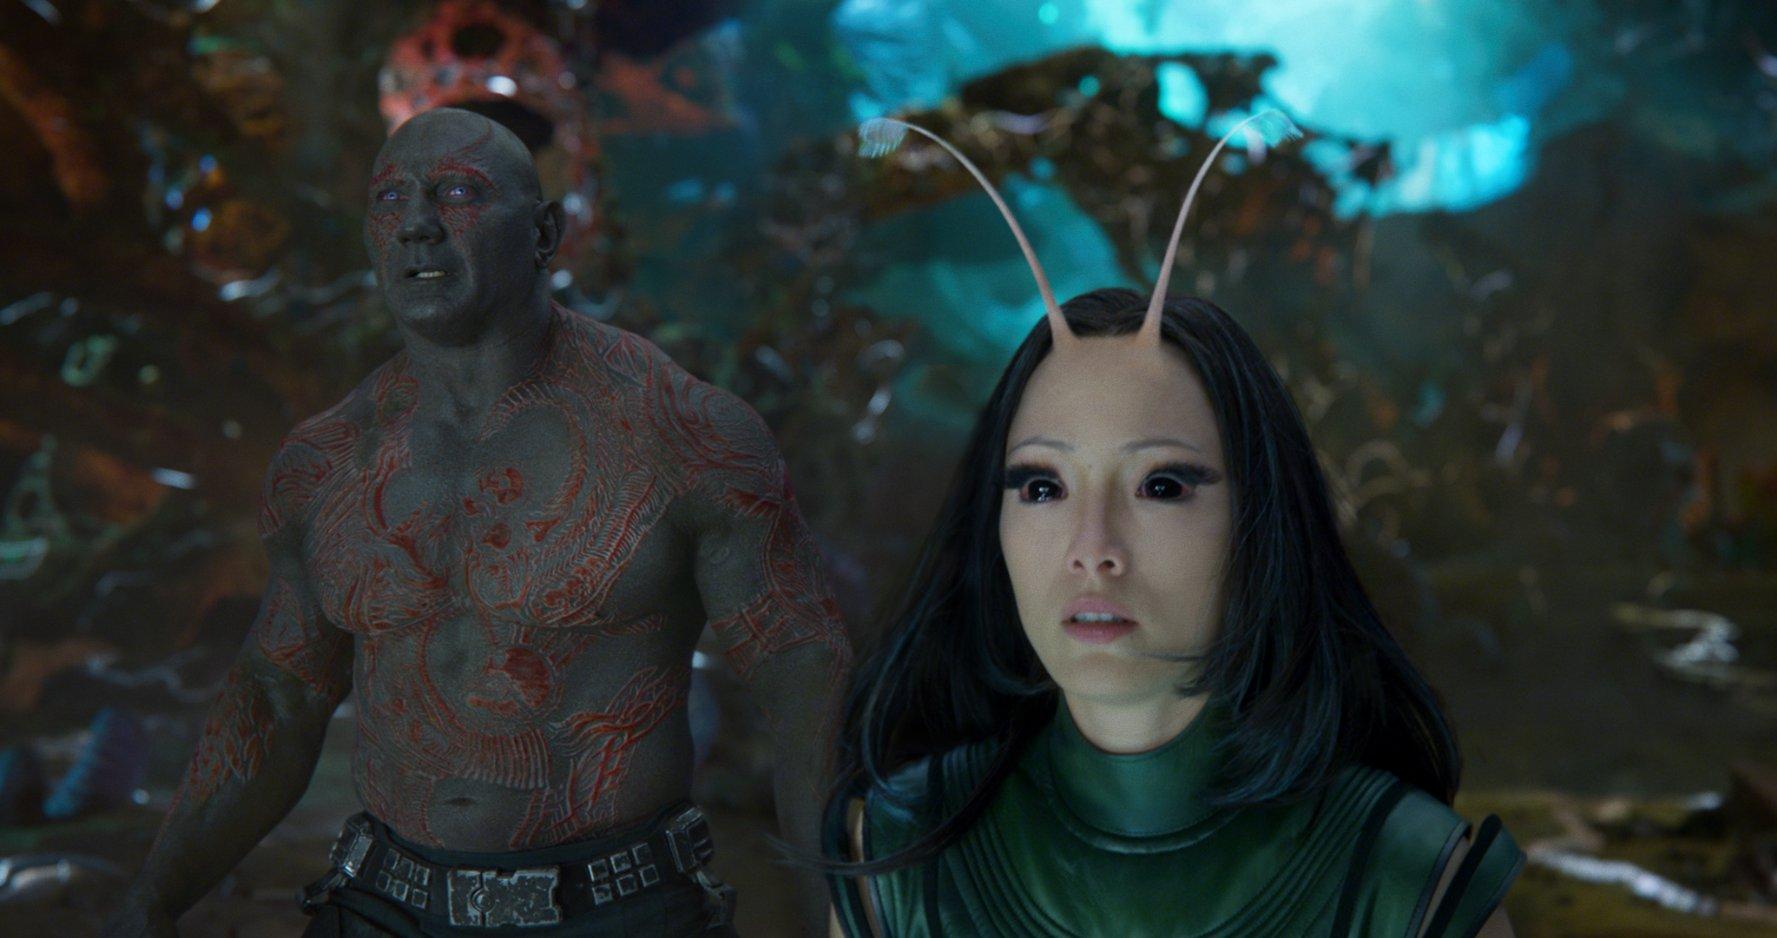 (3) film-chuvari-na-galaksijata-2-guardians-of-the-galaxy-vol-2-www.kafepauza.mk